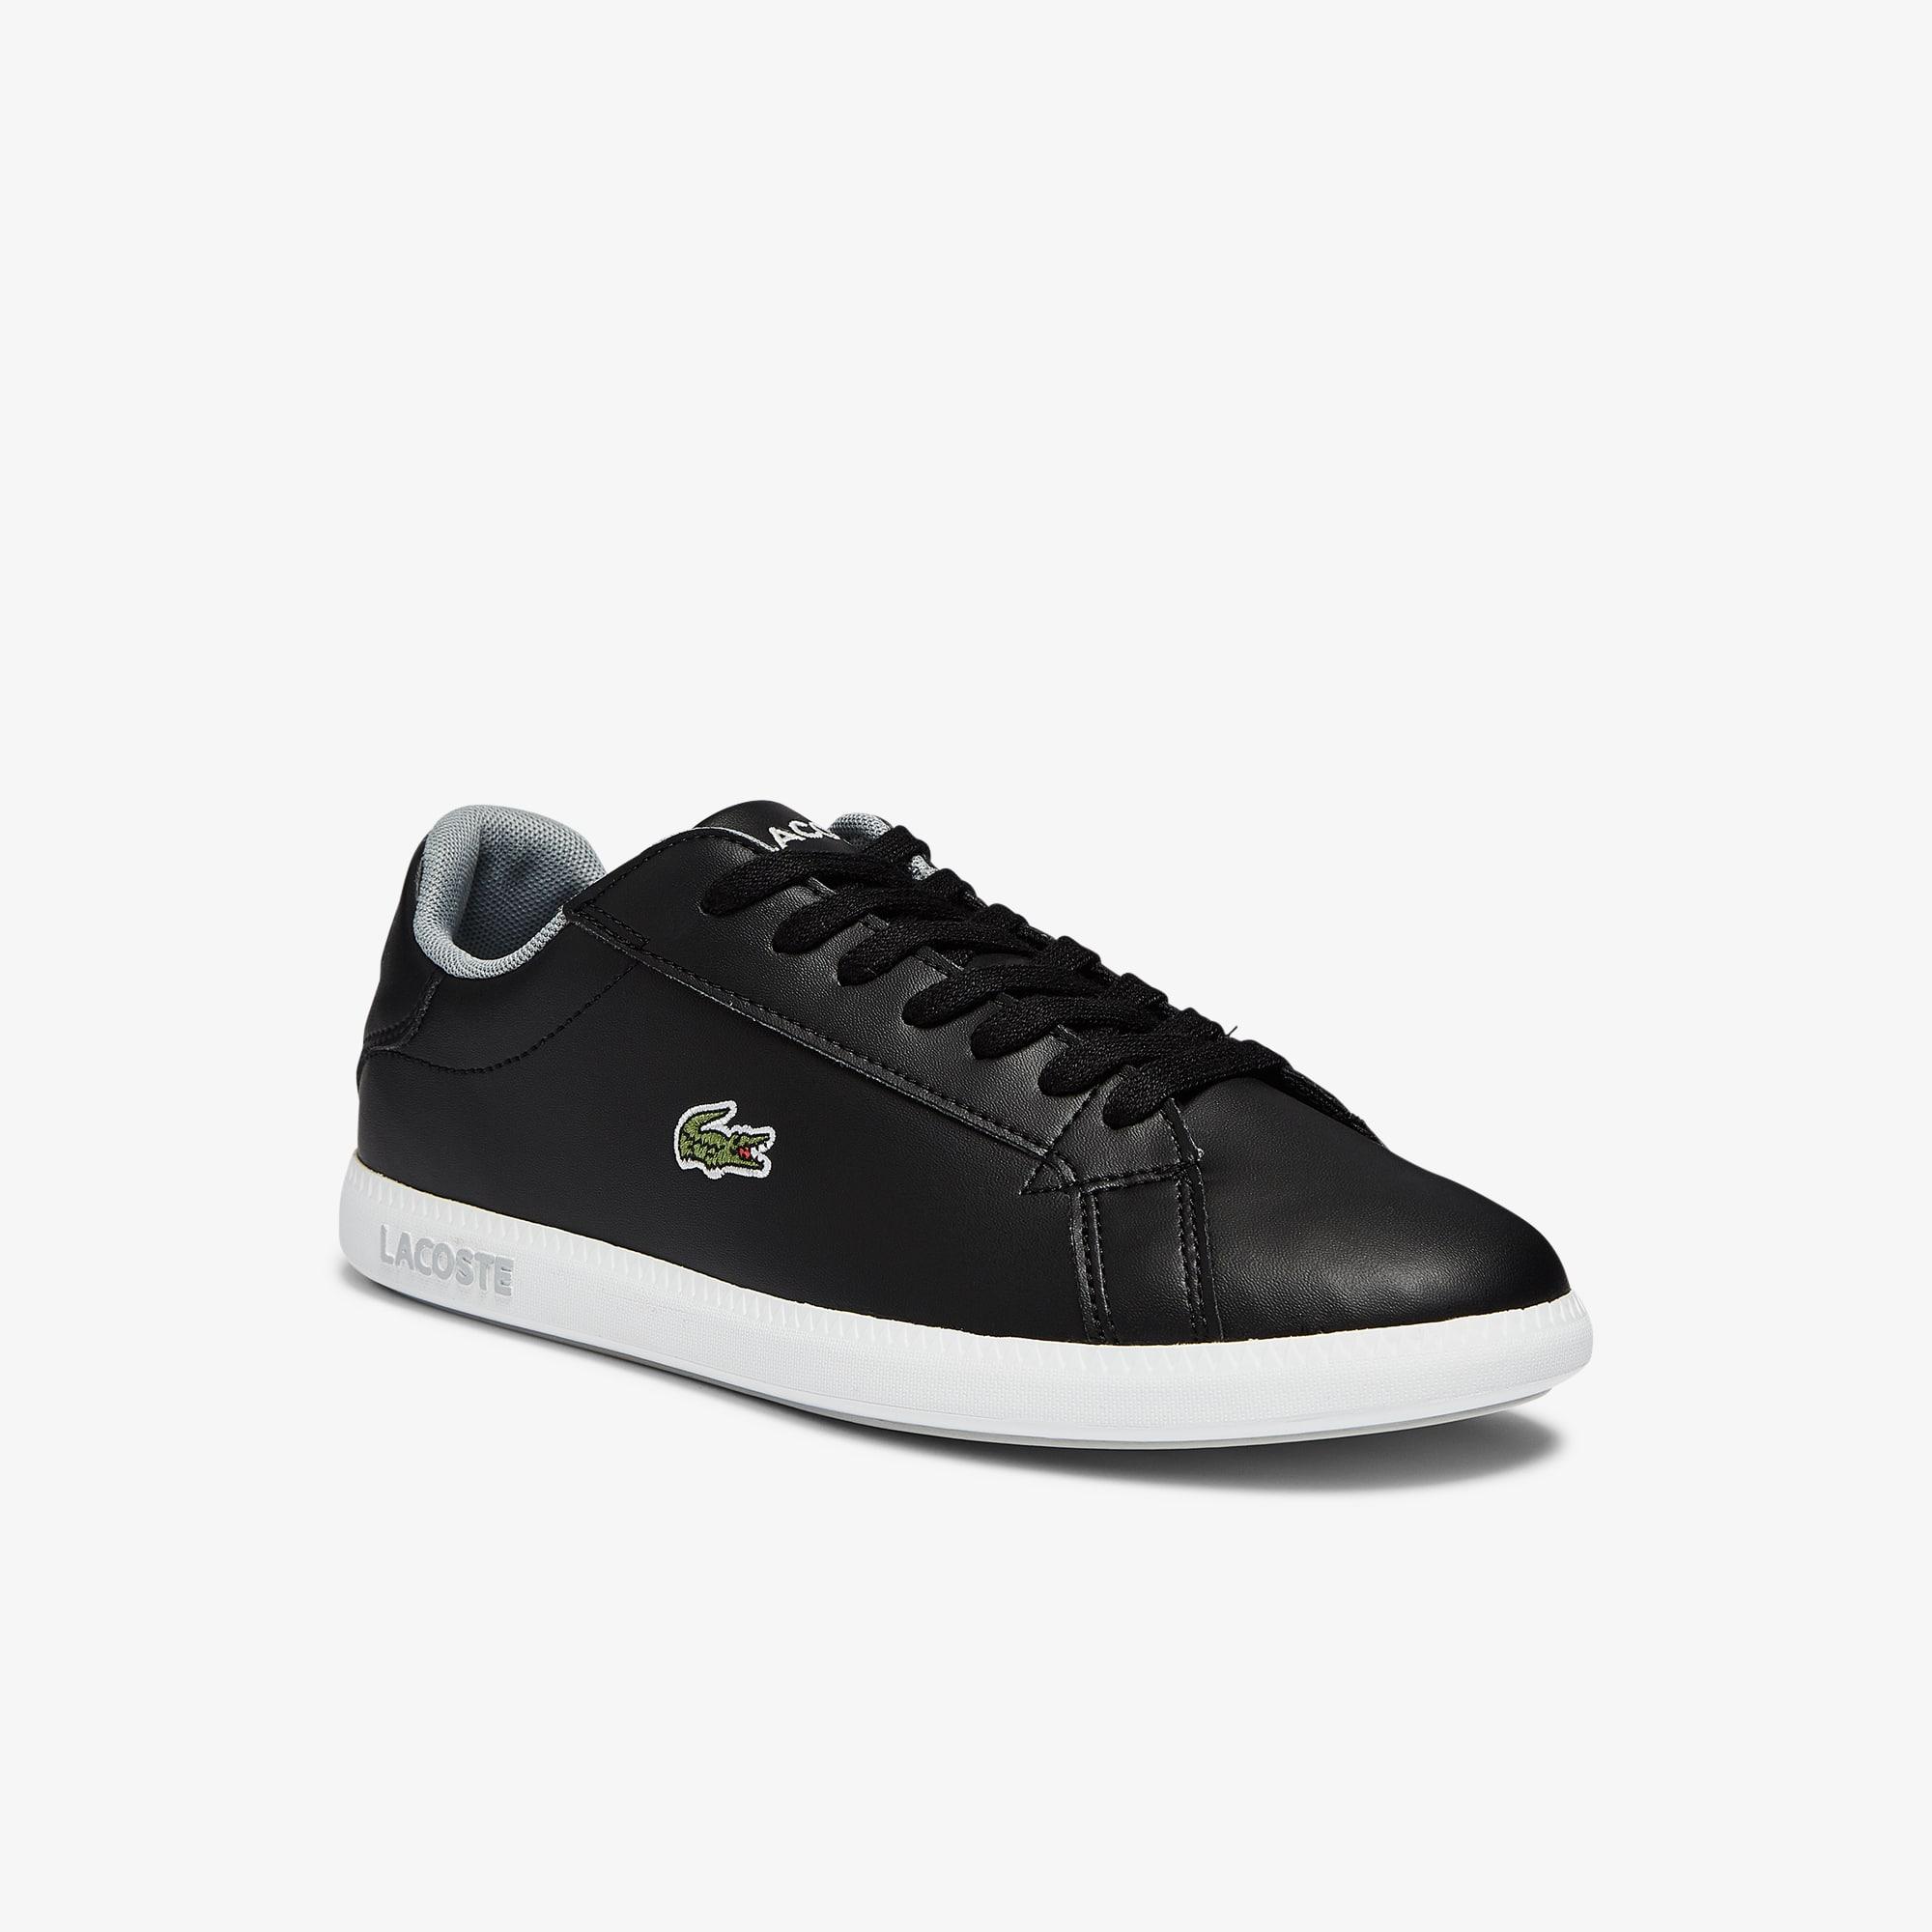 Lacoste Sneakers Graduate junior synthétique Taille 35 Noir/gris